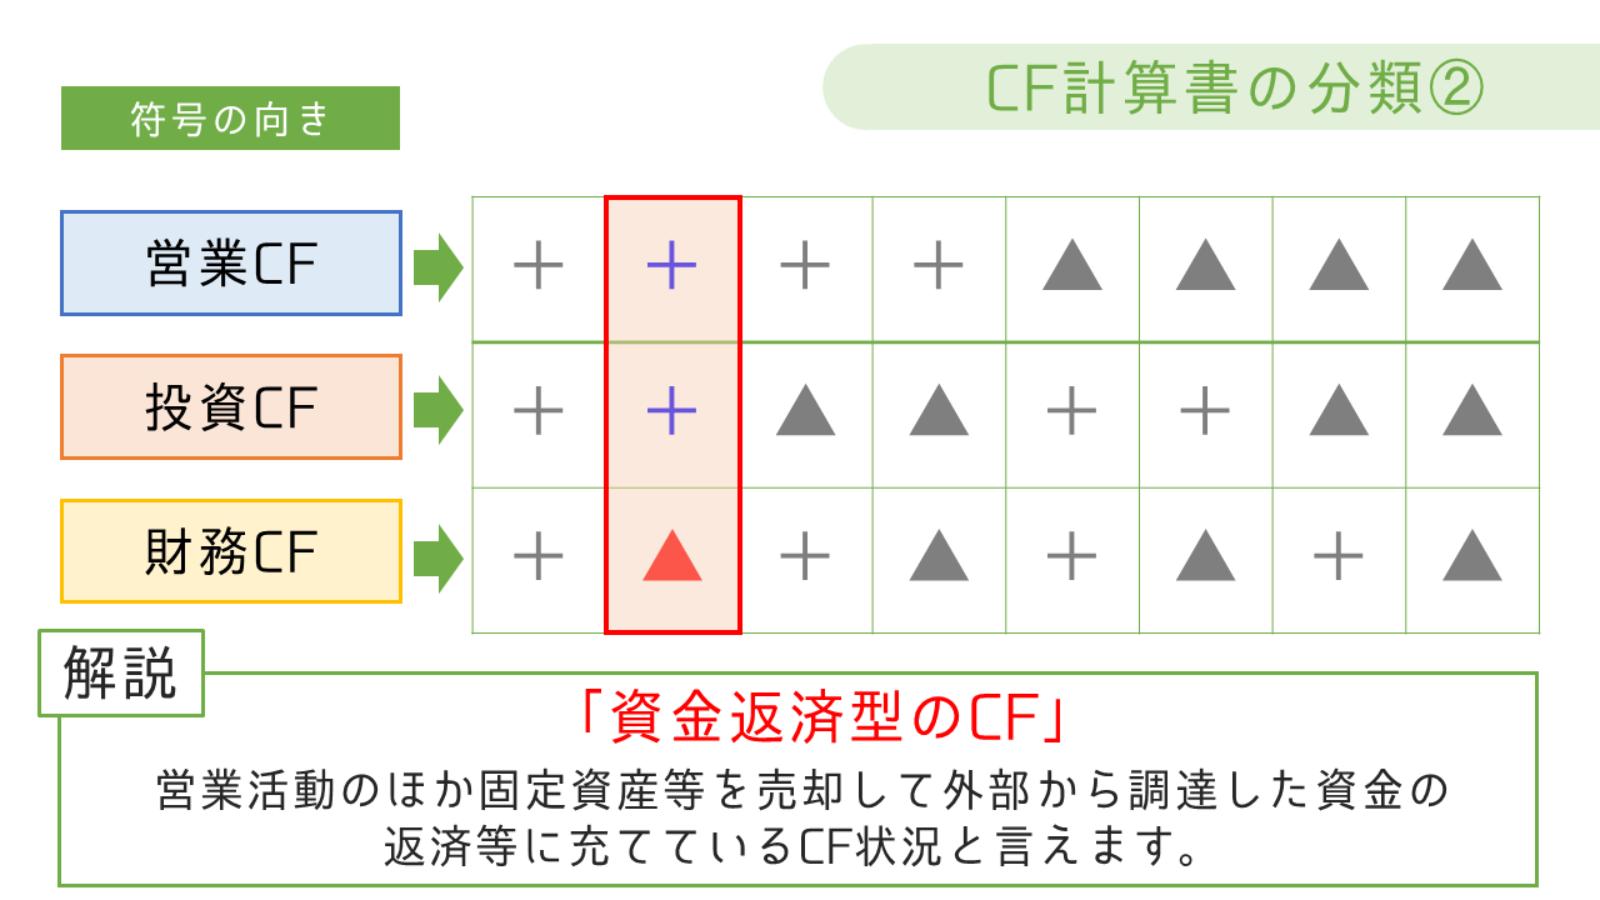 資金返済型のCF